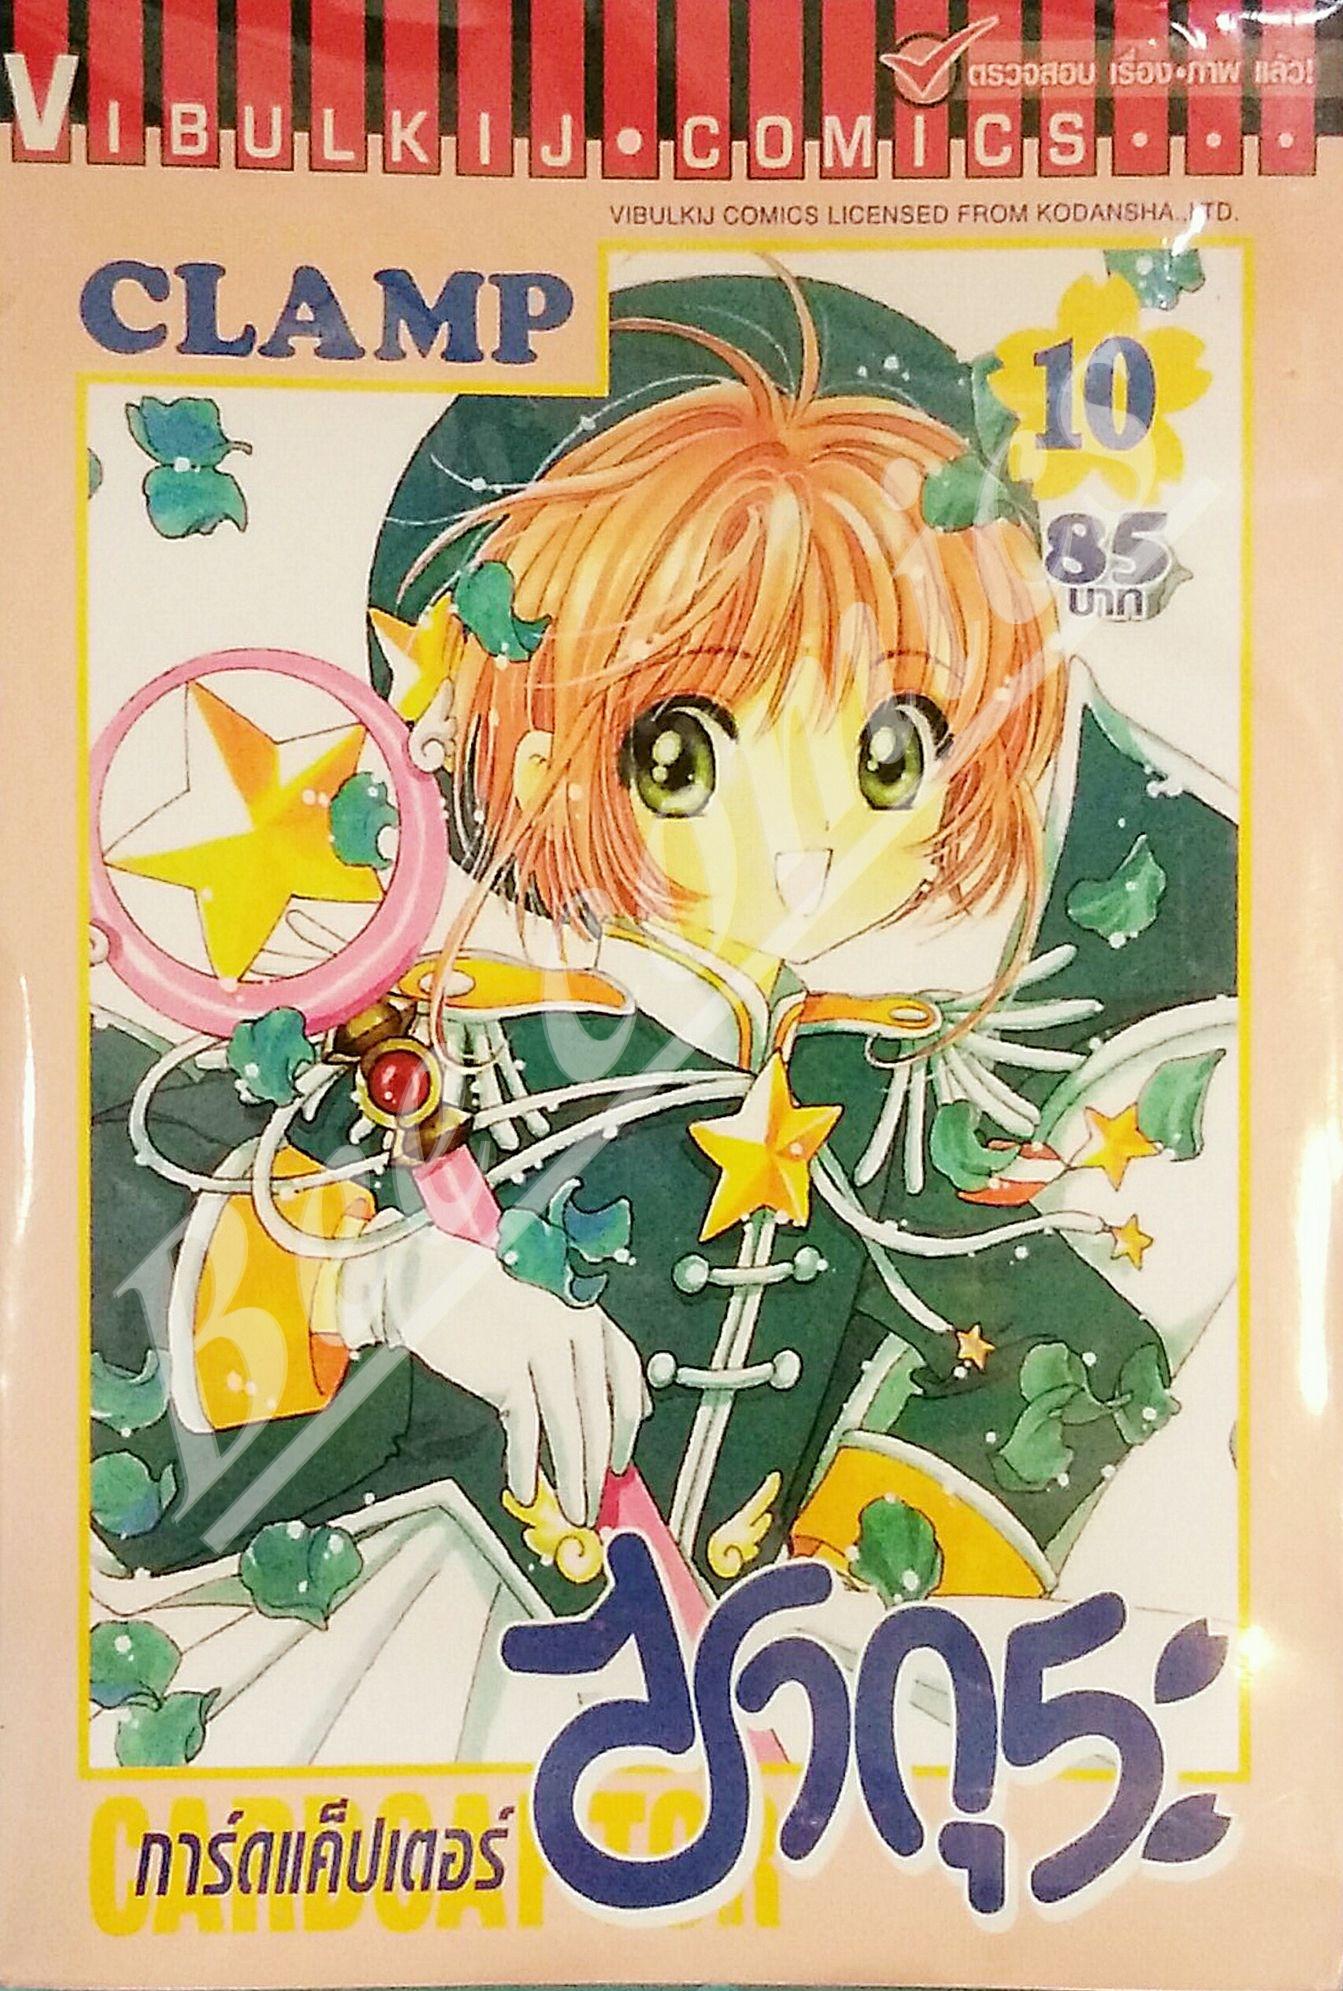 การ์ดแคปเตอร์ ซากุระ Cardcaptor sakura เล่ม 10 สินค้าเข้าร้านวันพุธที่ 11/10/60